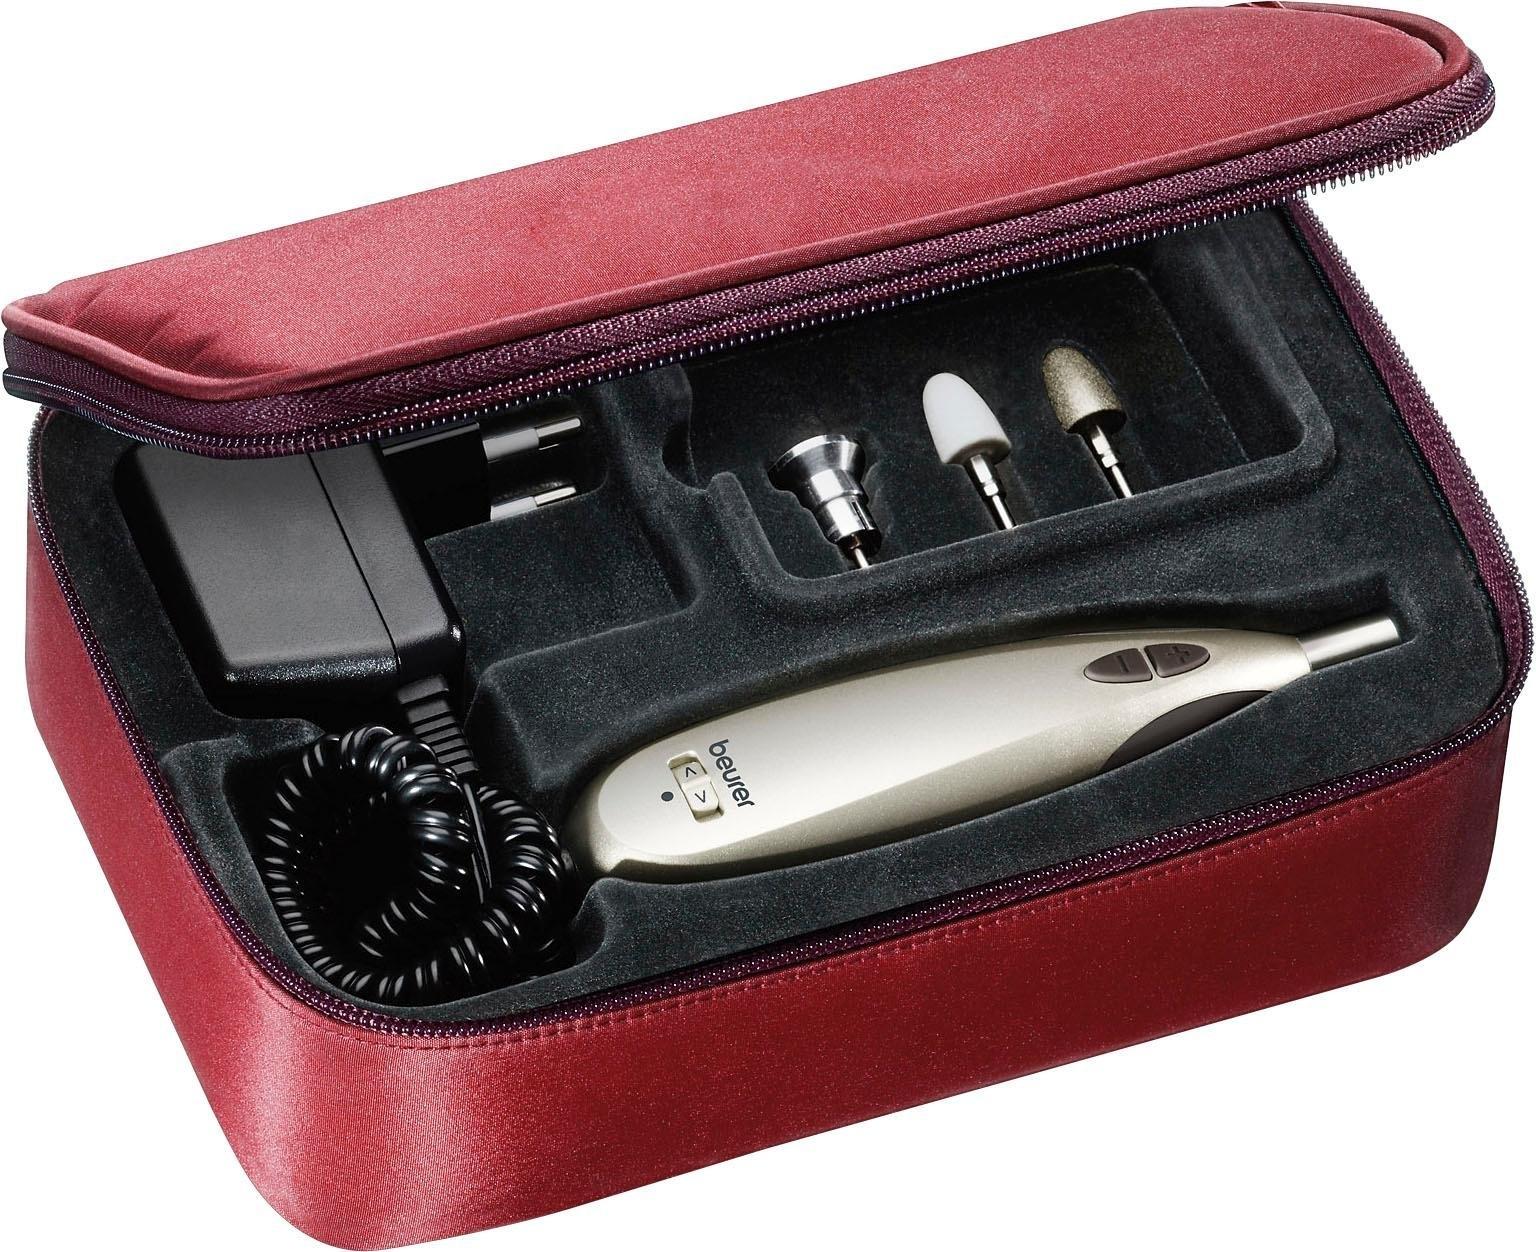 BEURER Manicureset en accessoires (9-dlg.) in de webshop van OTTO kopen